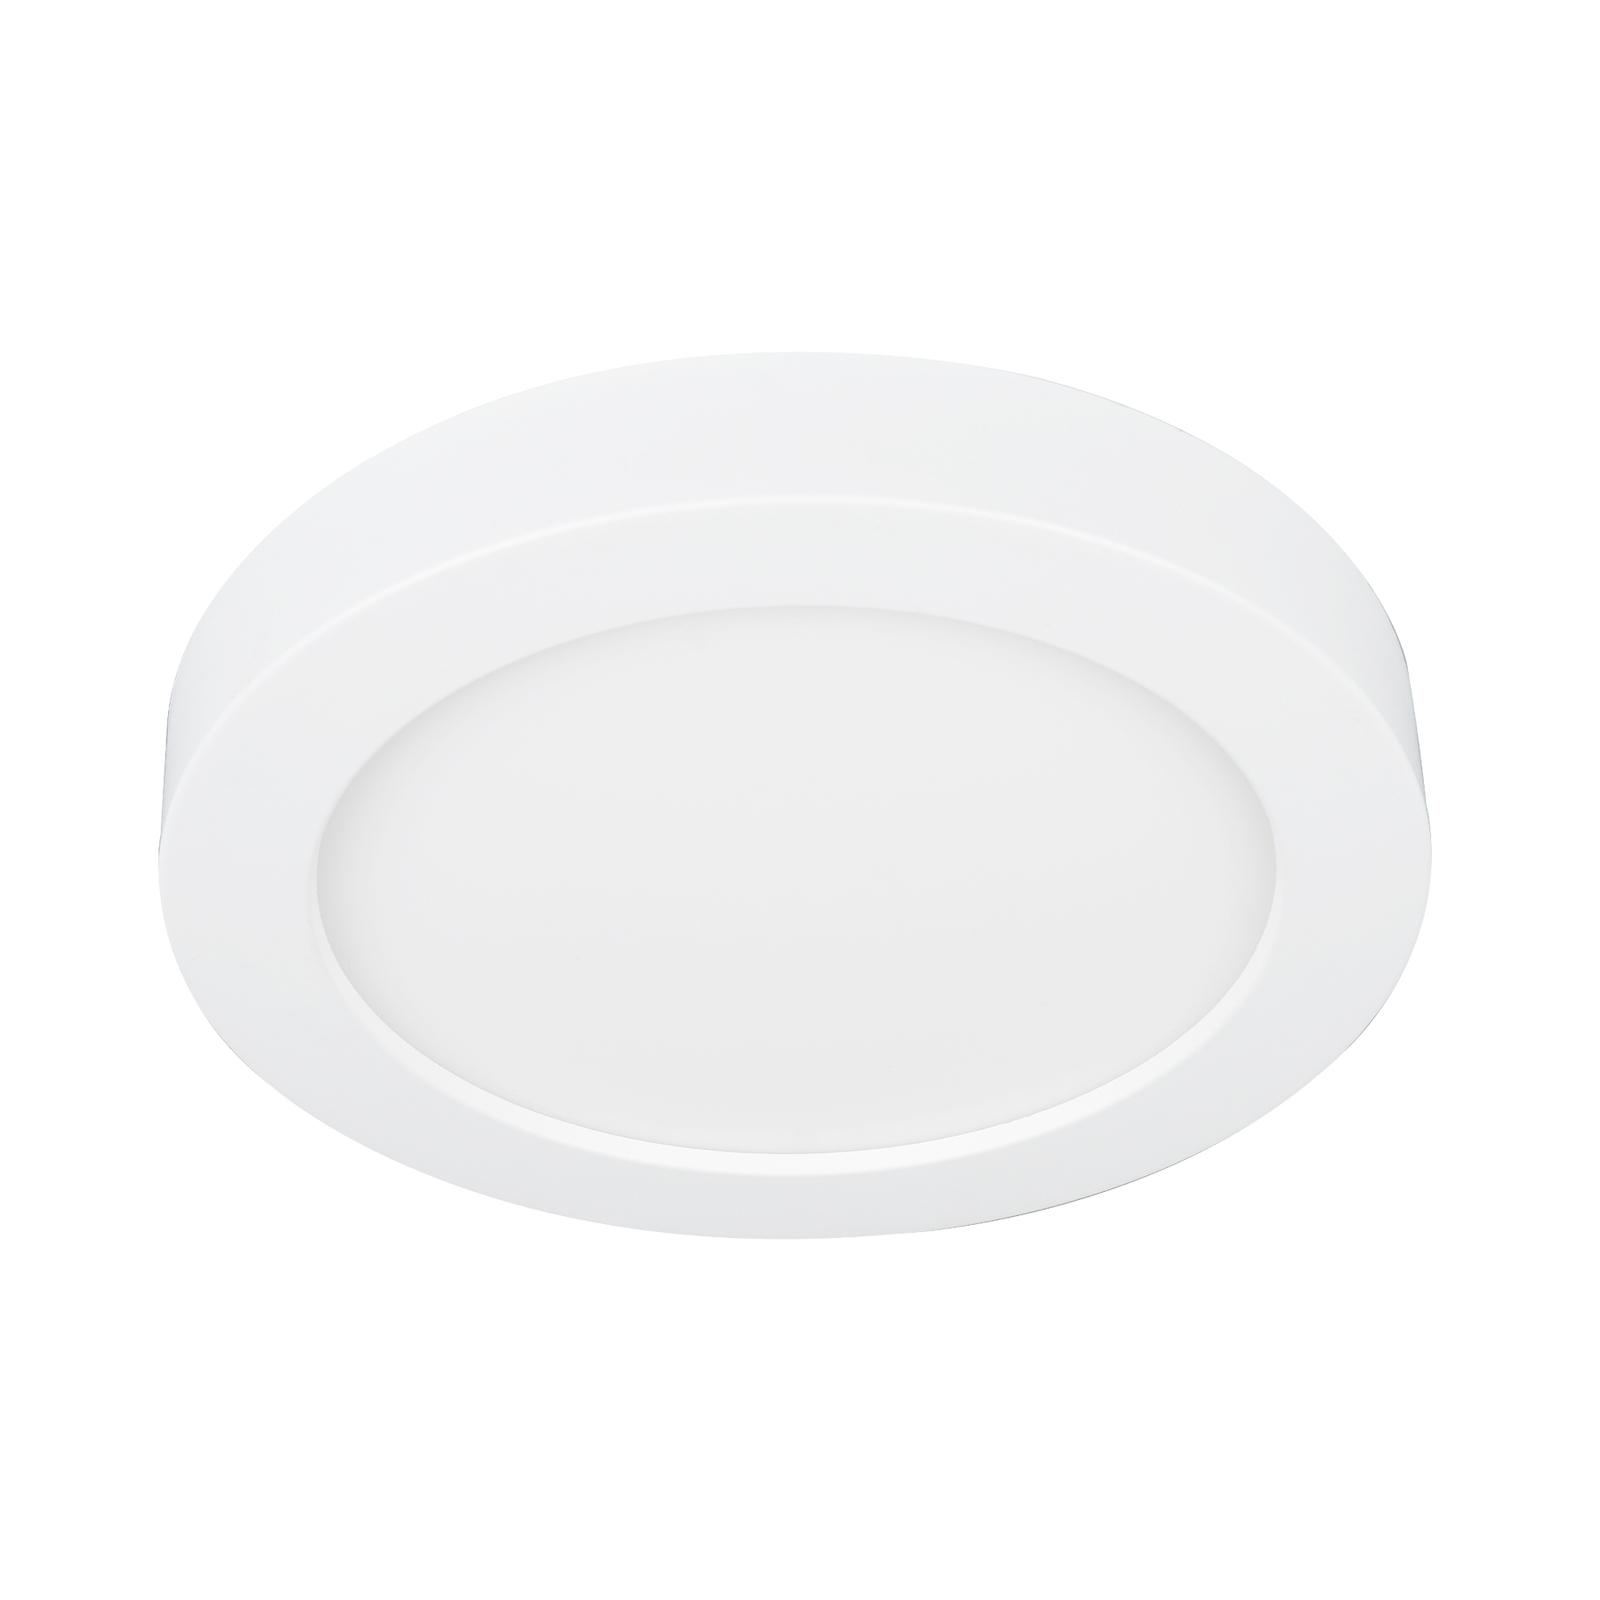 Prios Edwina LED-taklampe, hvit, 24,5 cm